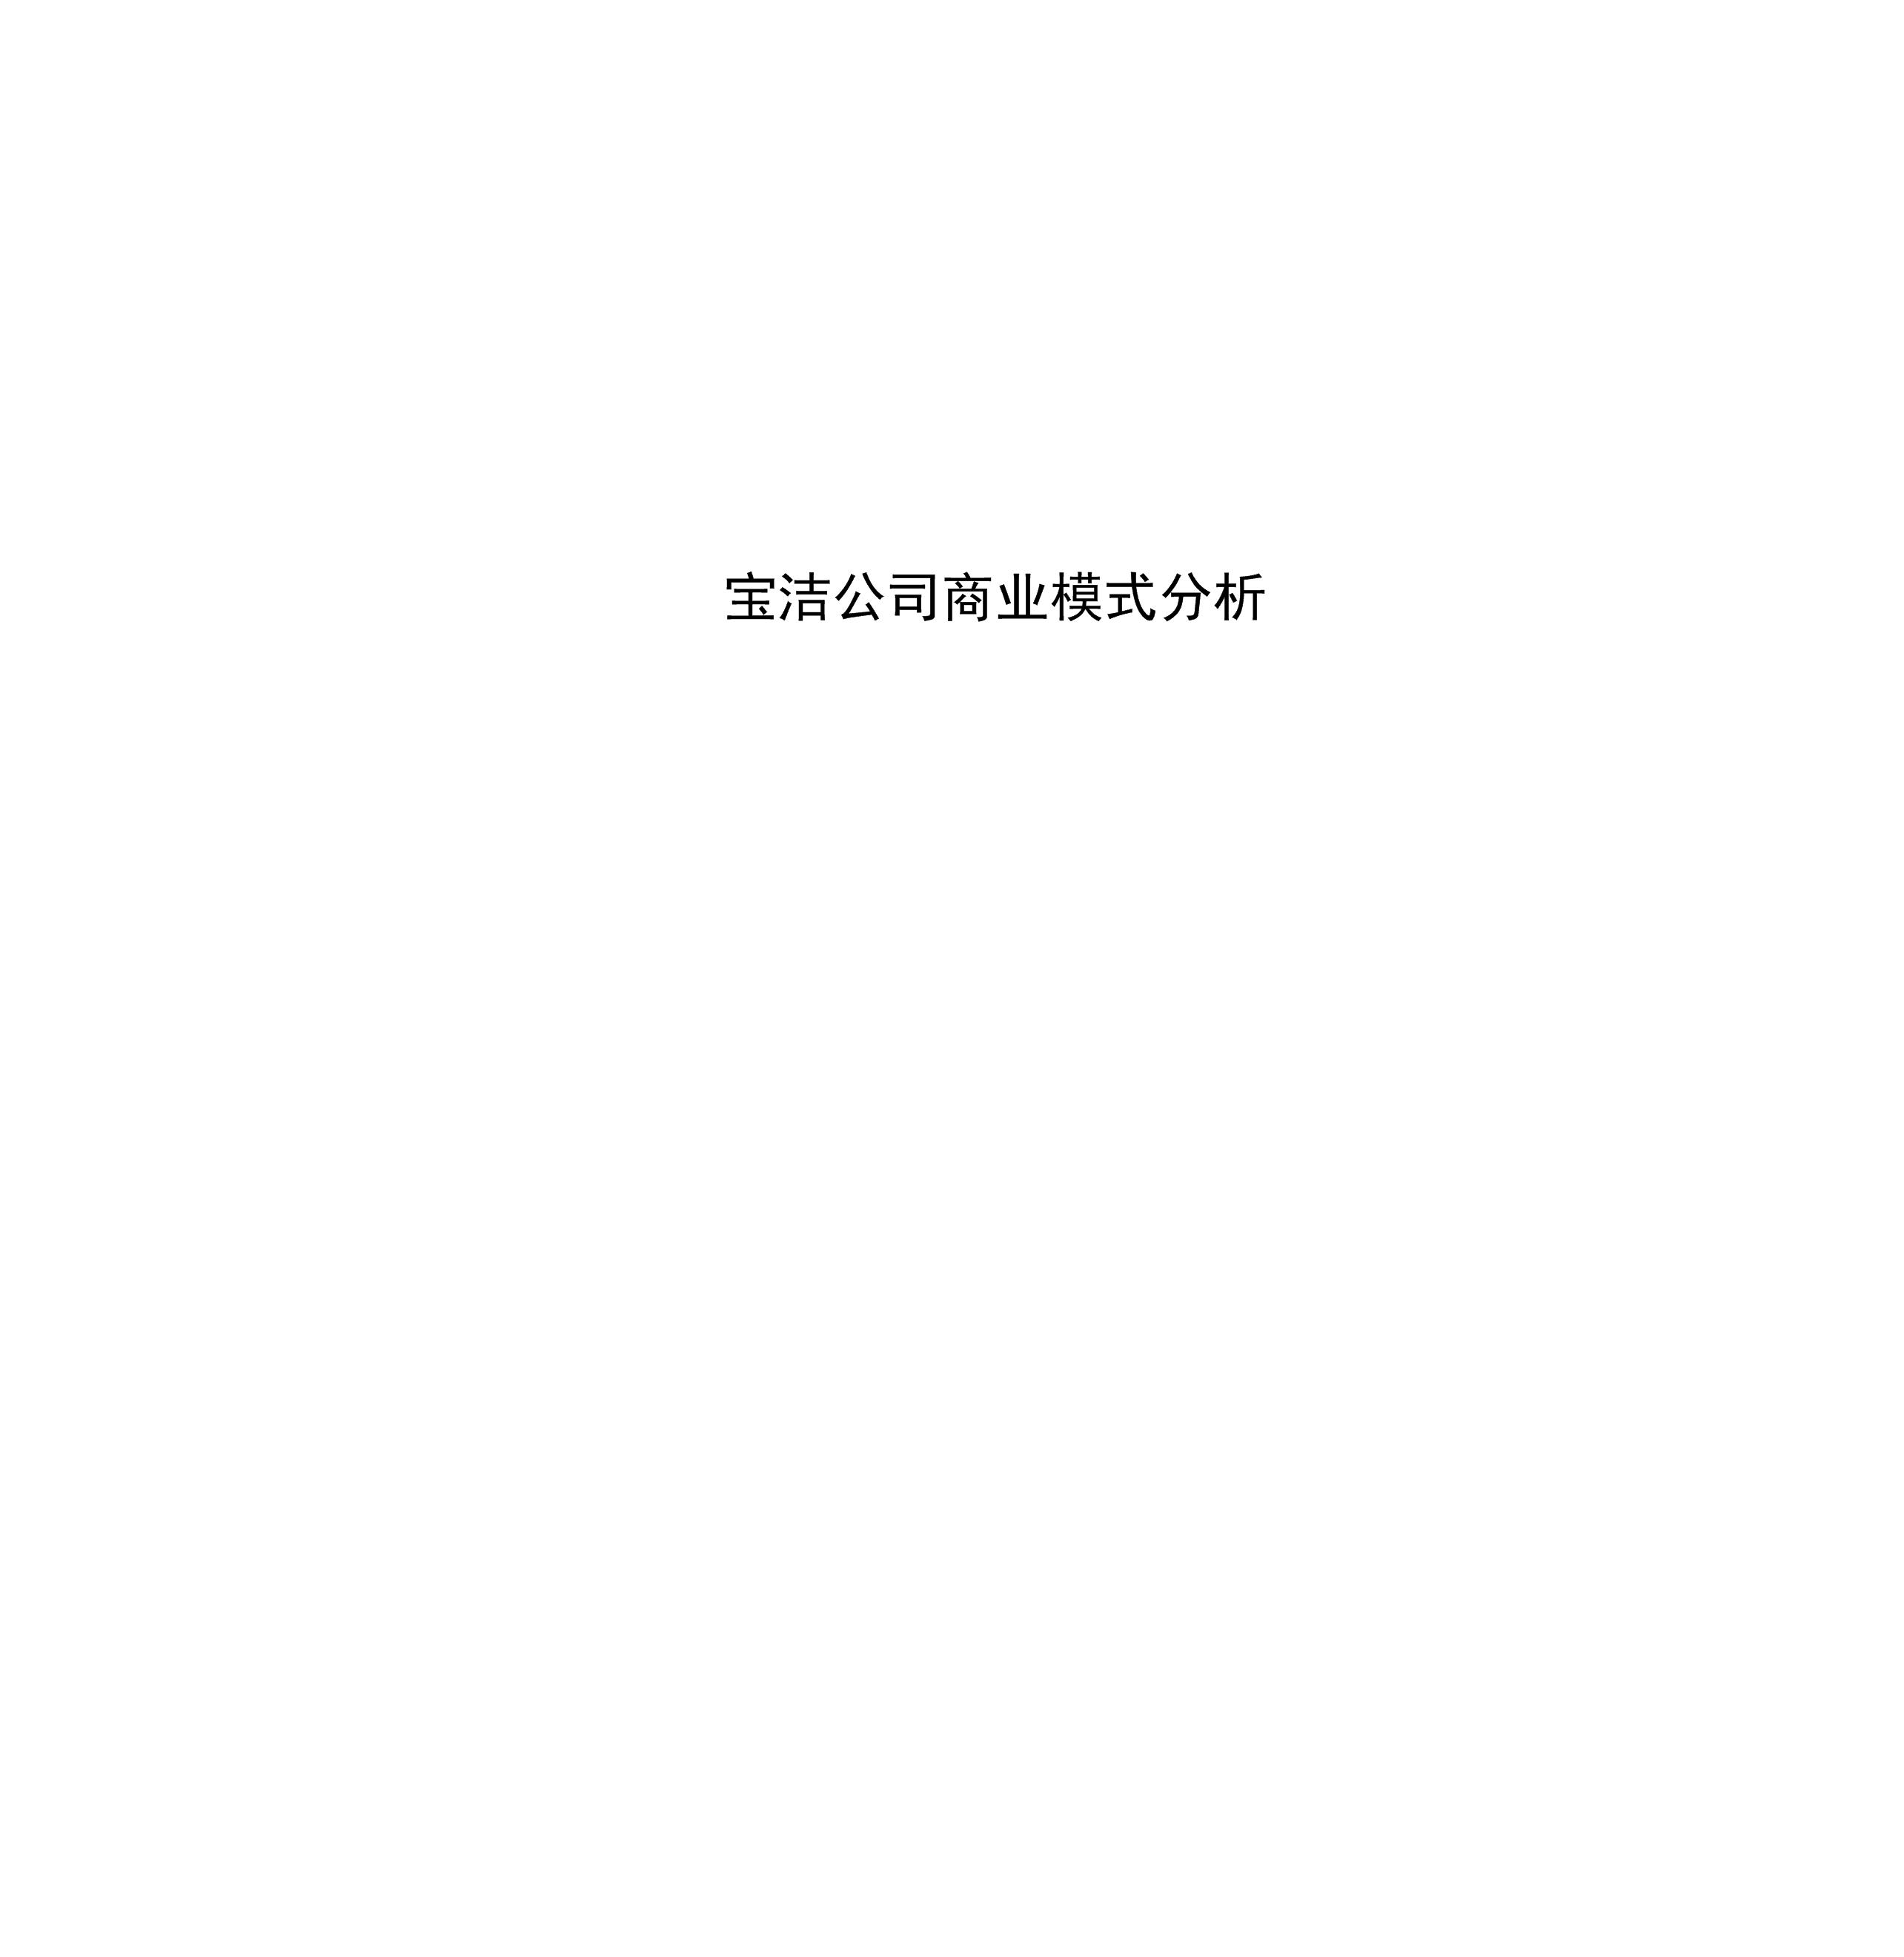 最新宝洁公司商业模式分析.docx